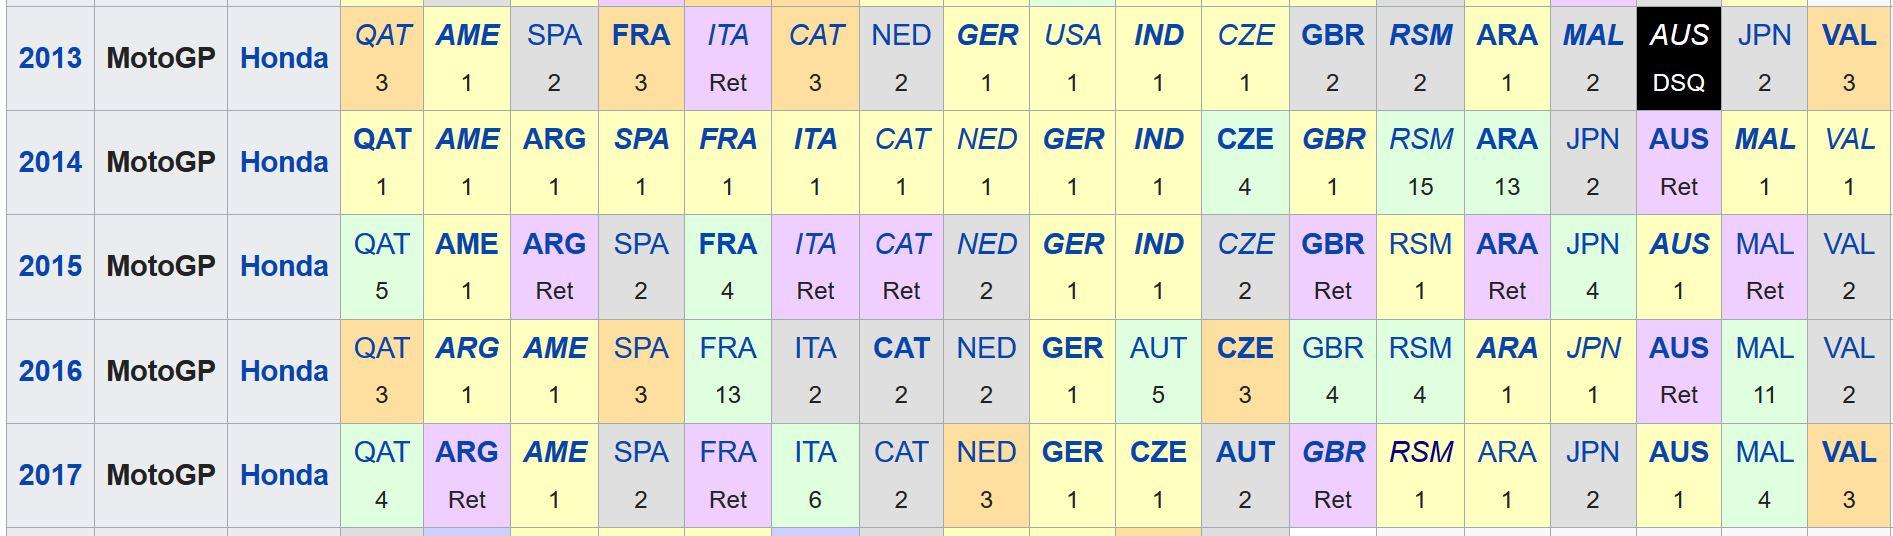 Marquez stats 2013 - 2017